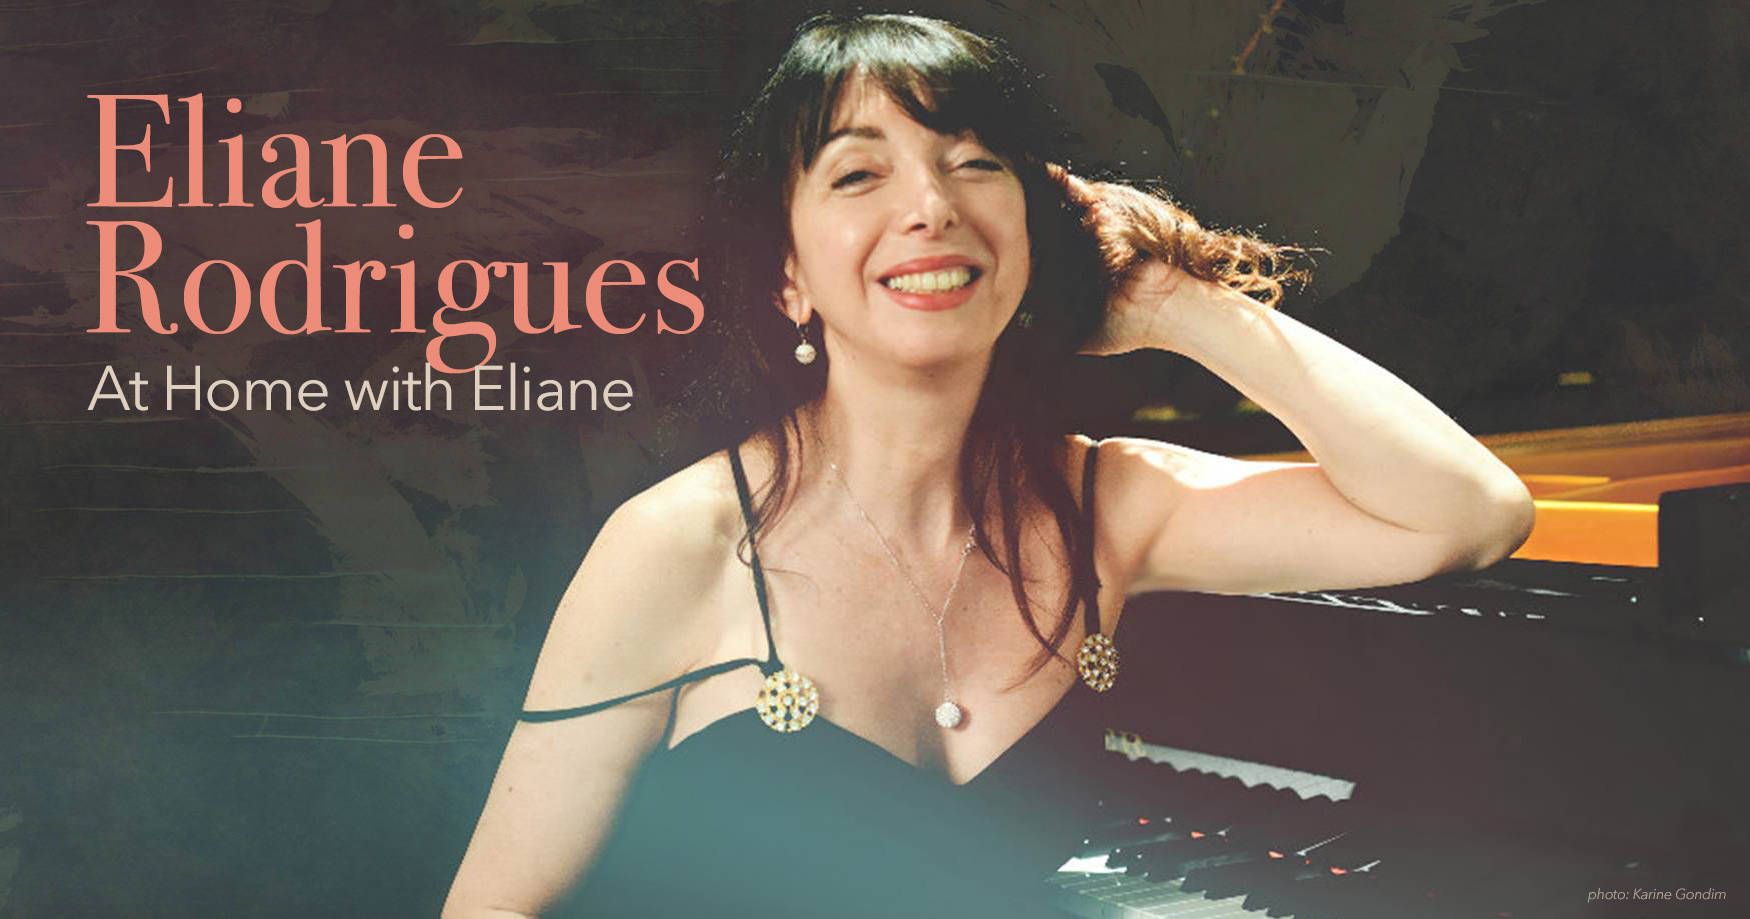 Eliane Rodrigues